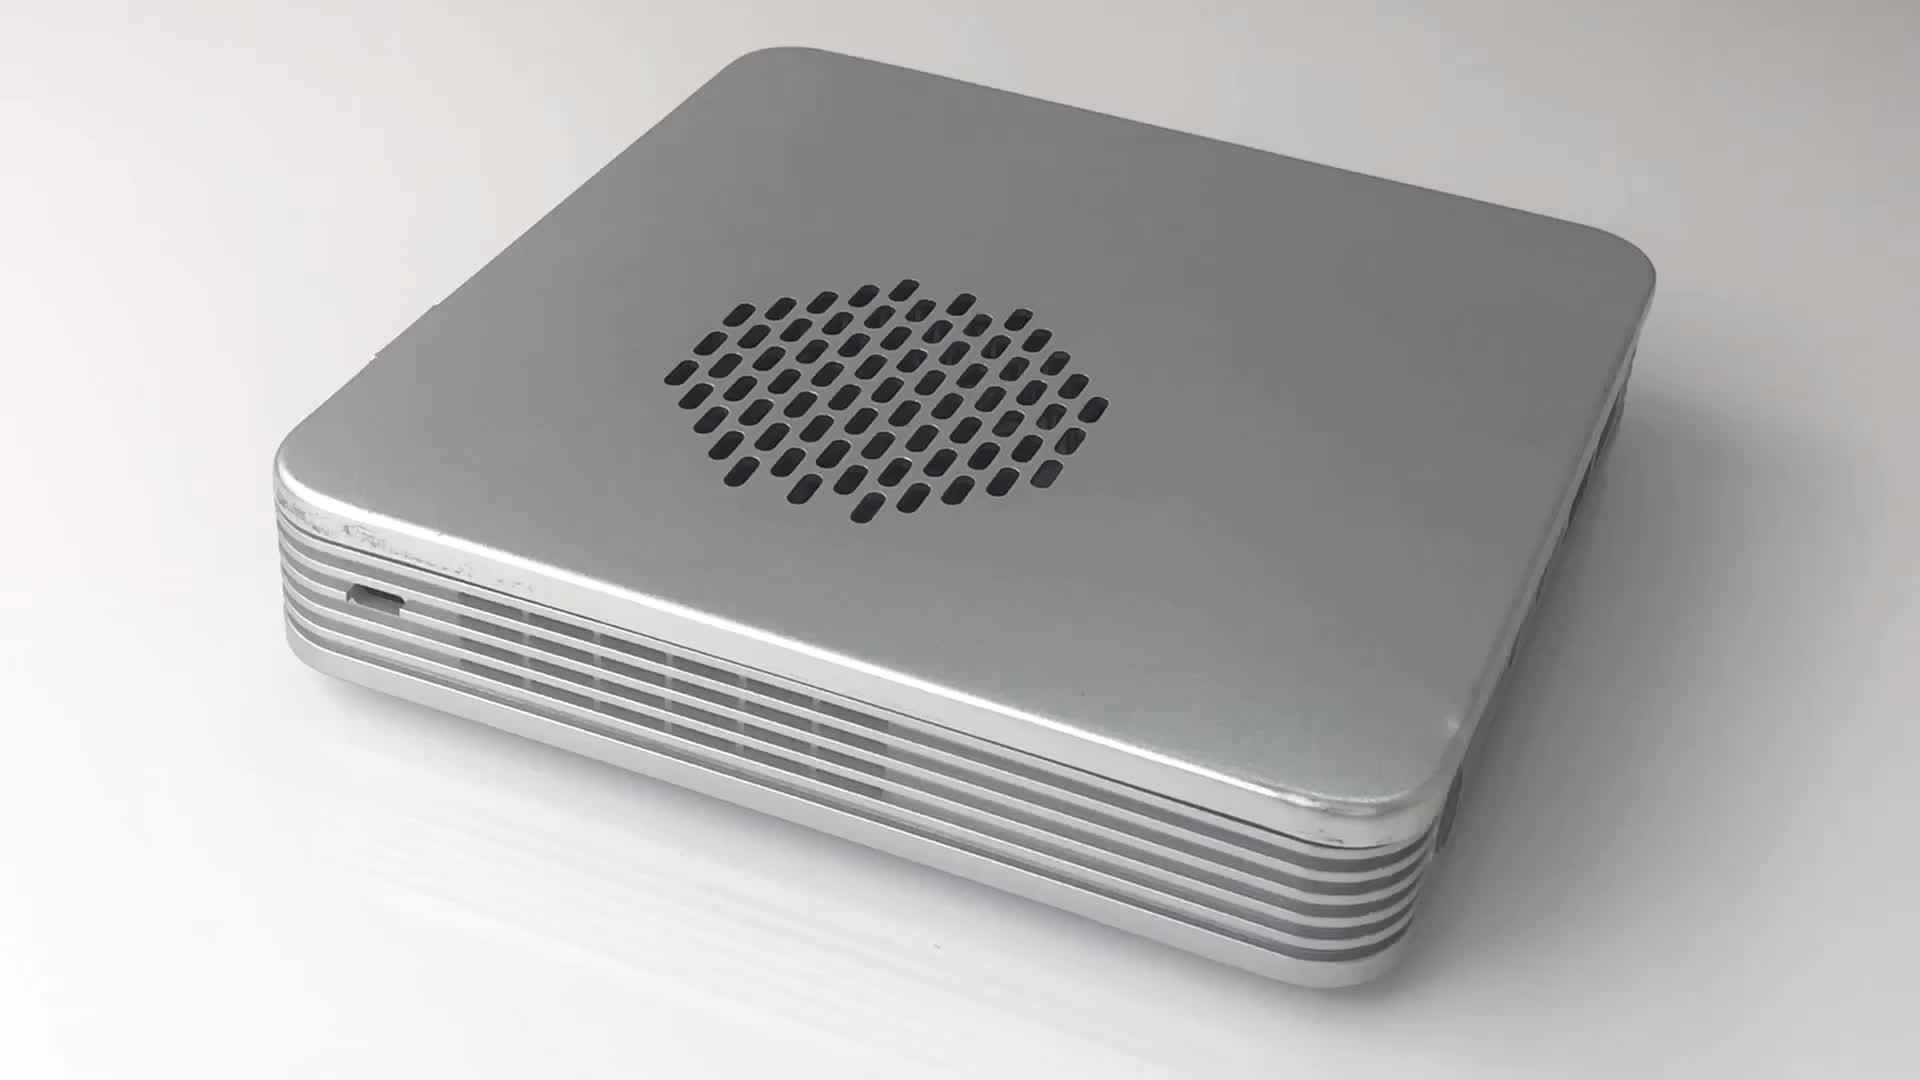 Pas cher intelligent industriel D'OEM mini poche ordinateur de bureau pc X86 J1900 12 V avec slot pci